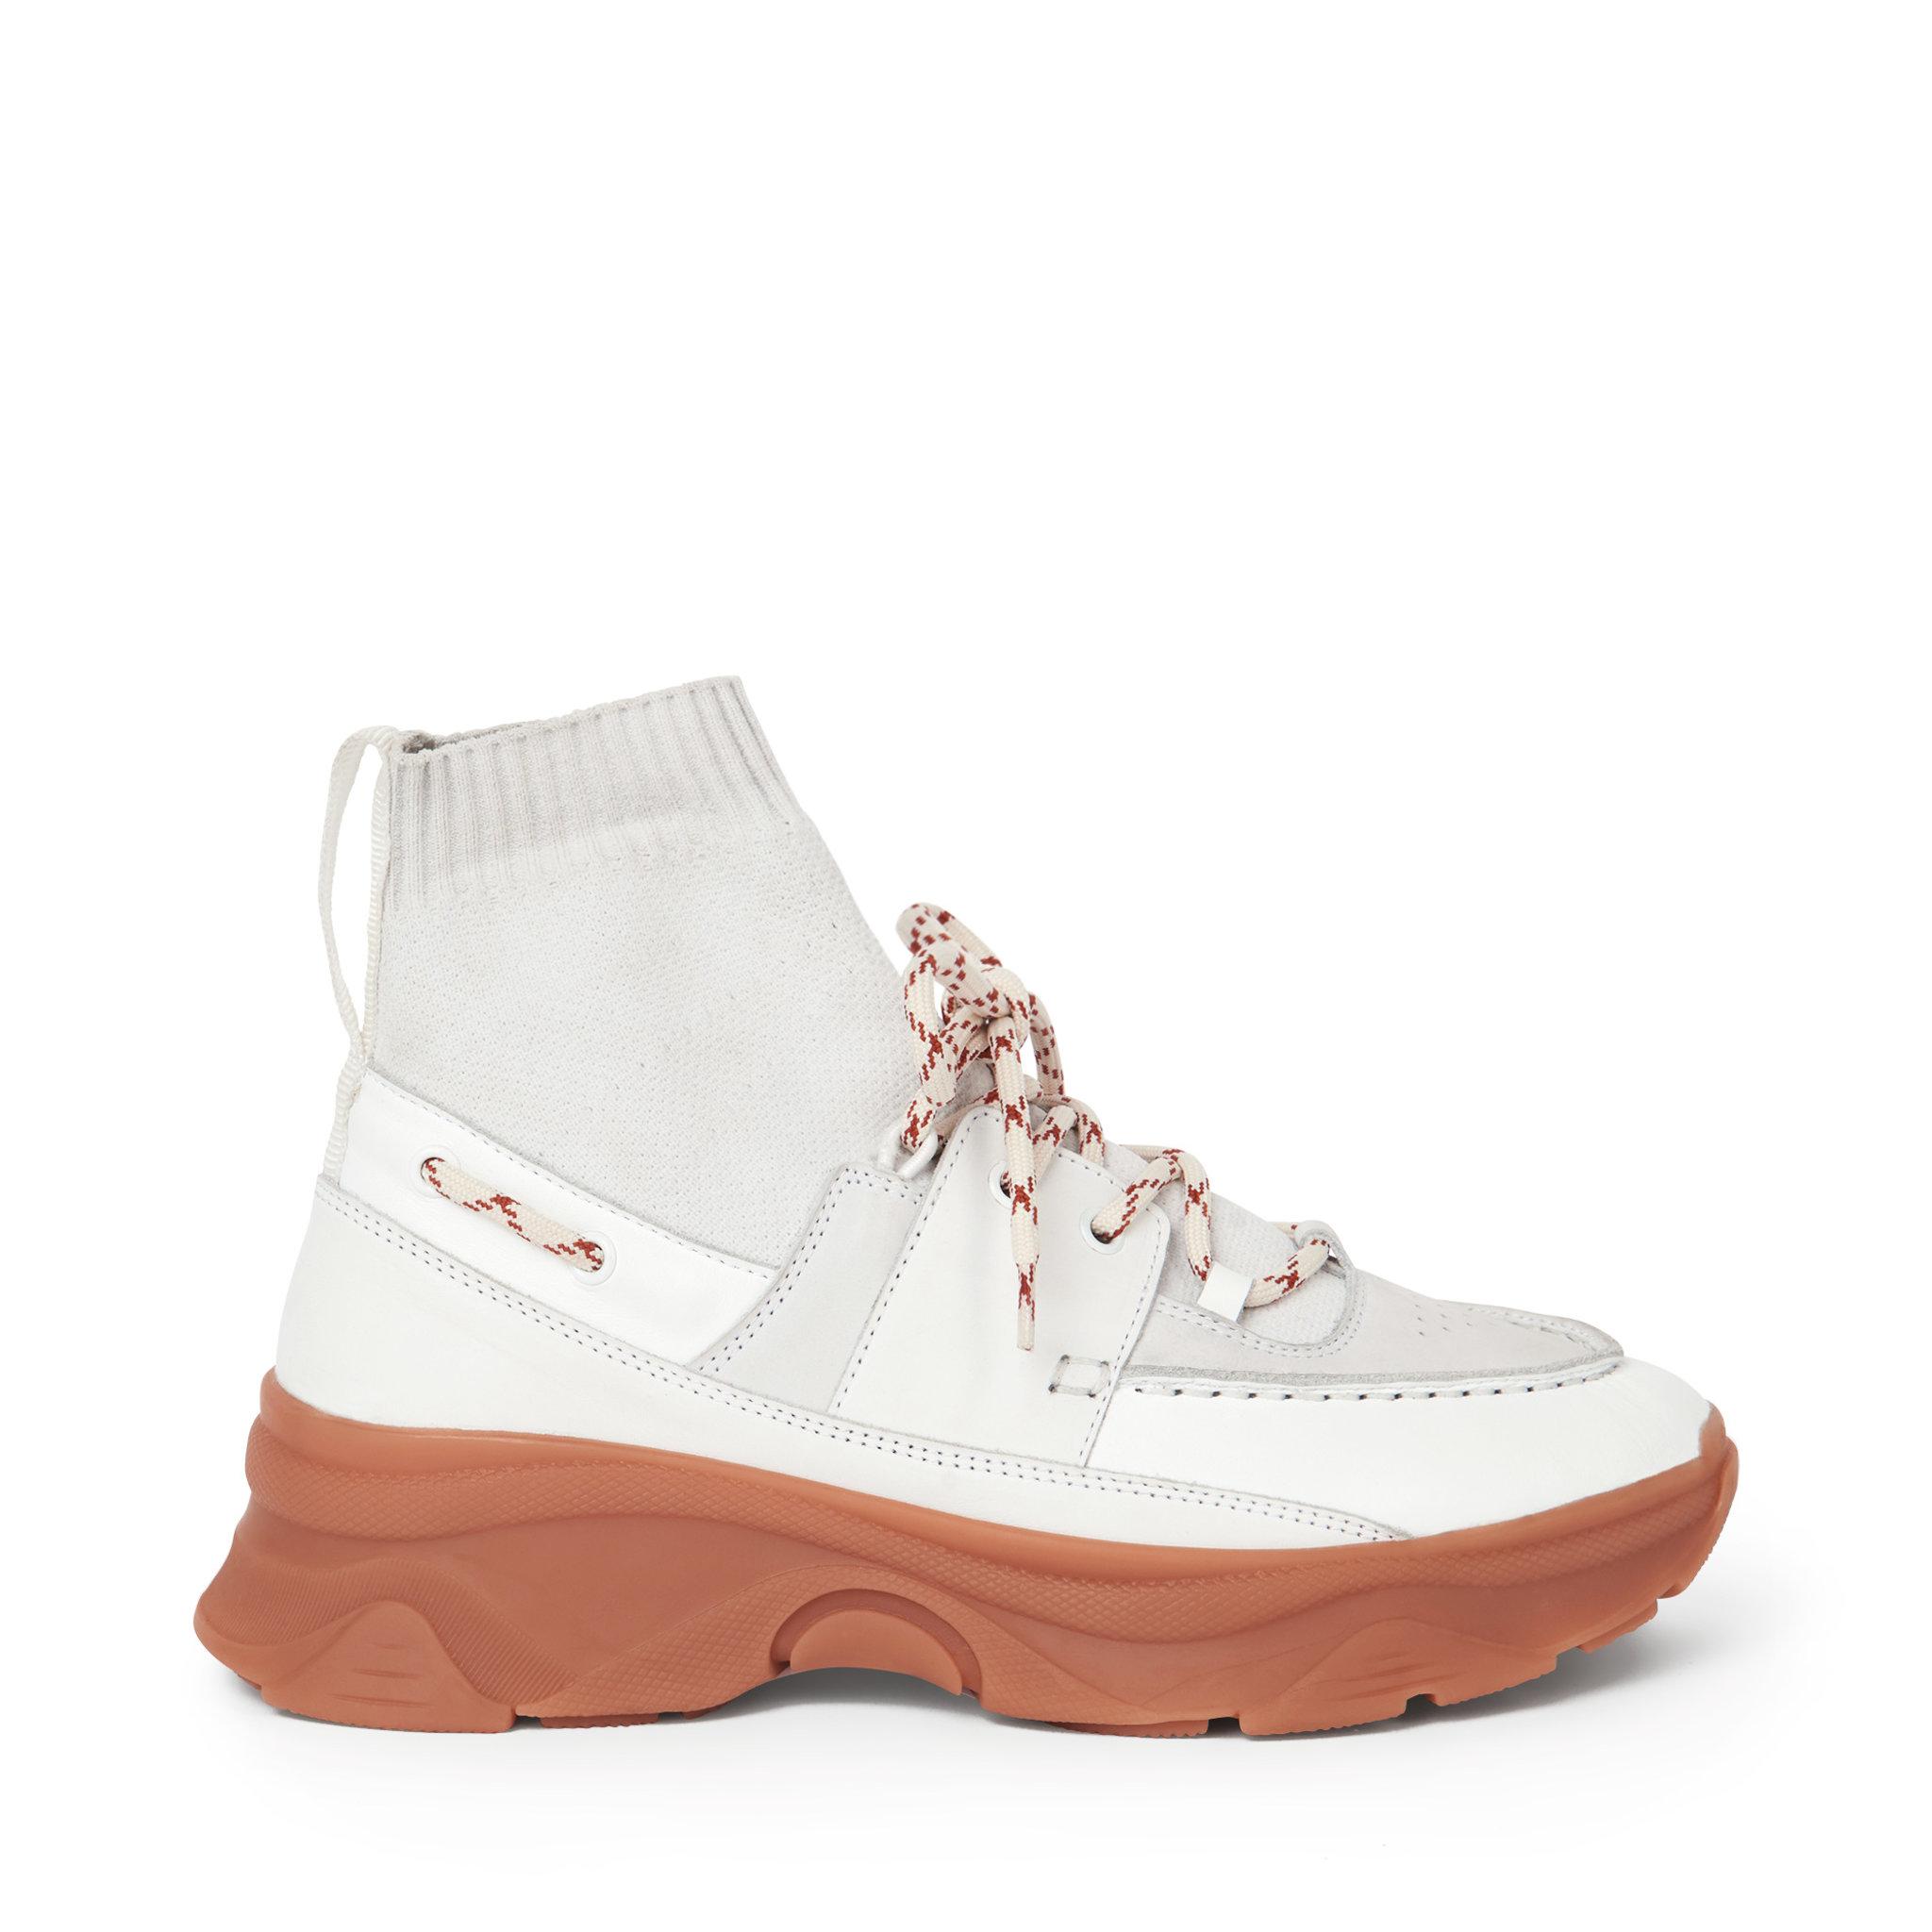 separation shoes cb27b 04806 Chunky Sneakers - Sneakers - Köp online på åhlens.se!